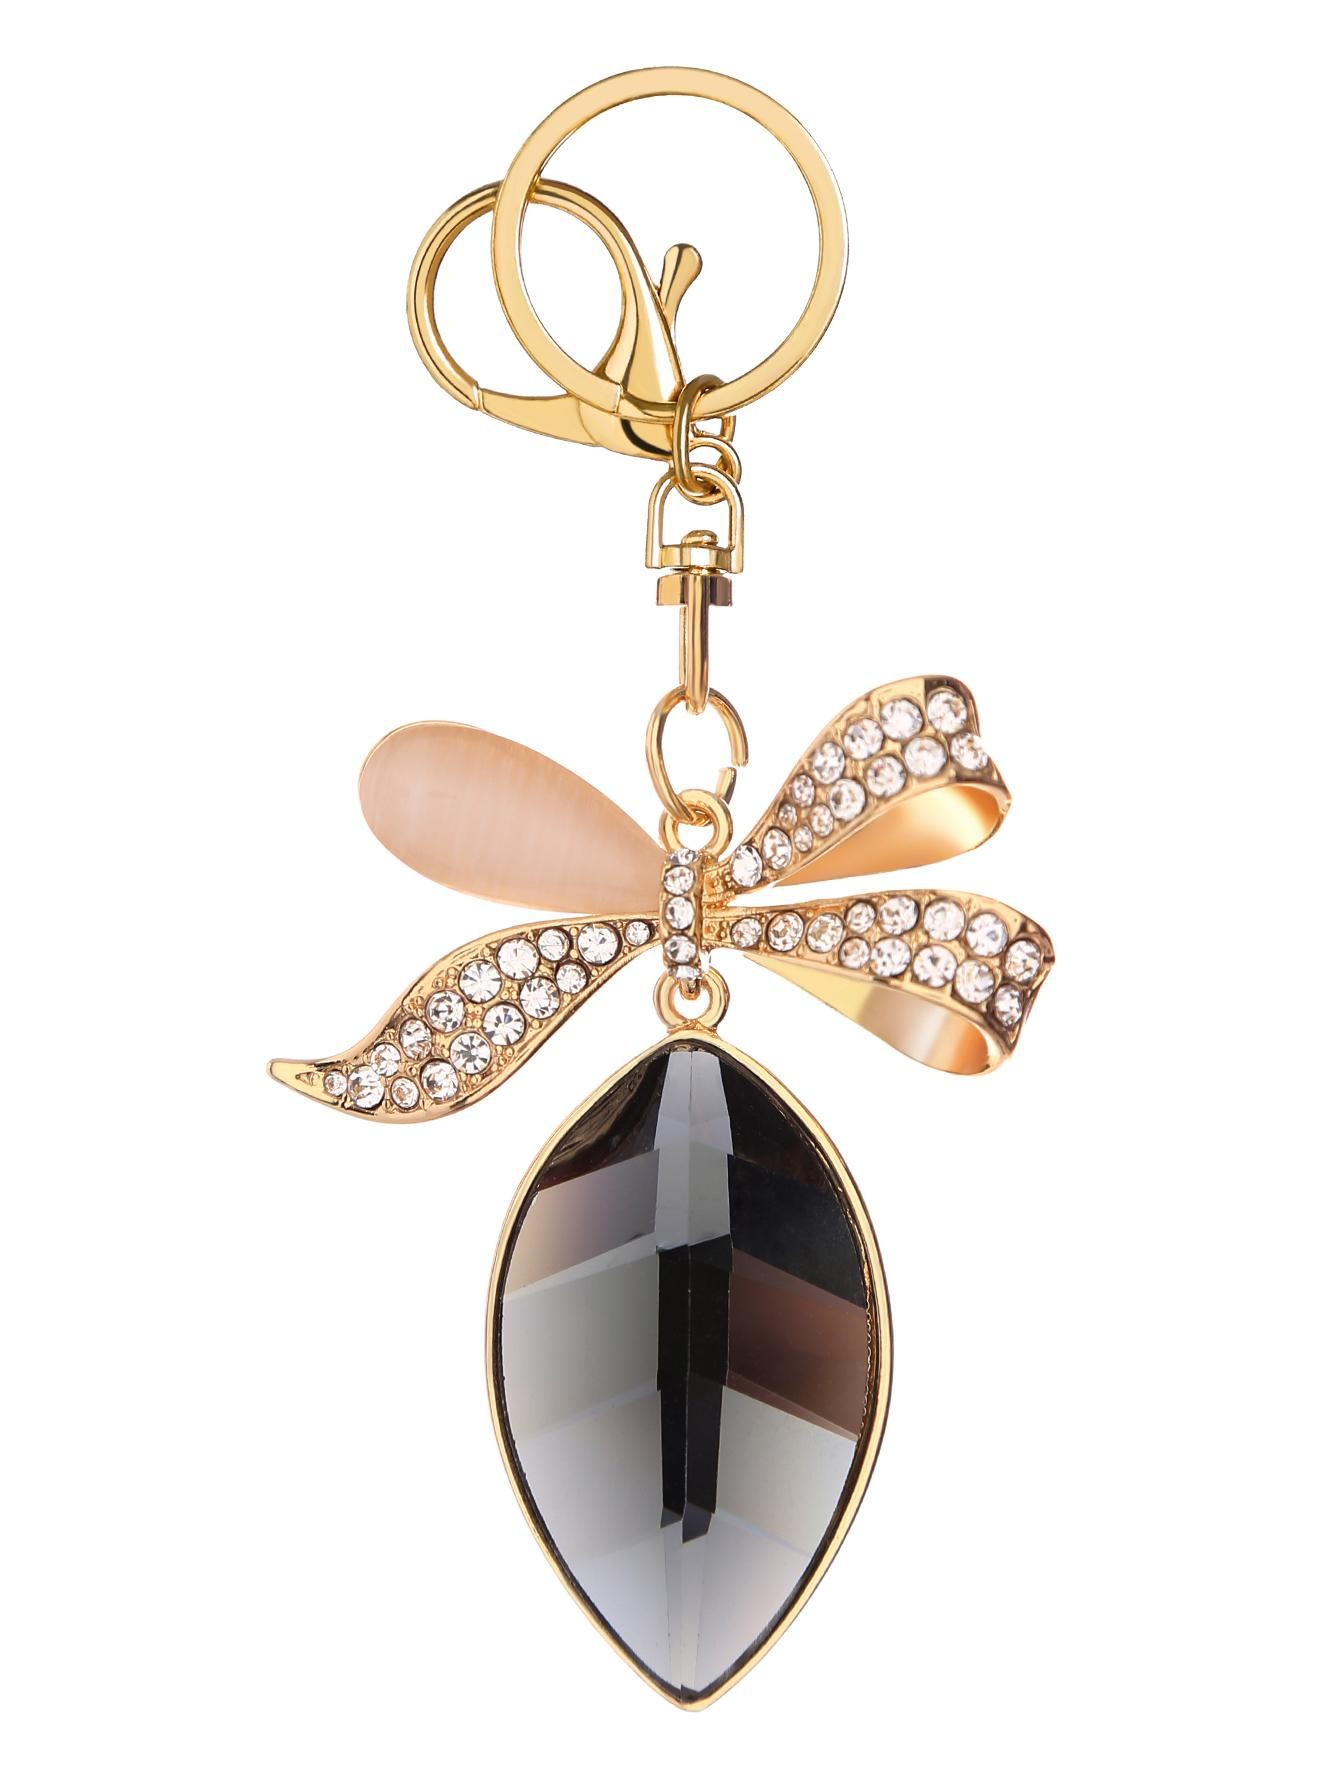 77b16b02cb SheIn - SheIn Gold Rhinestone Encrusted Bow Keychain - AdoreWe.com ...